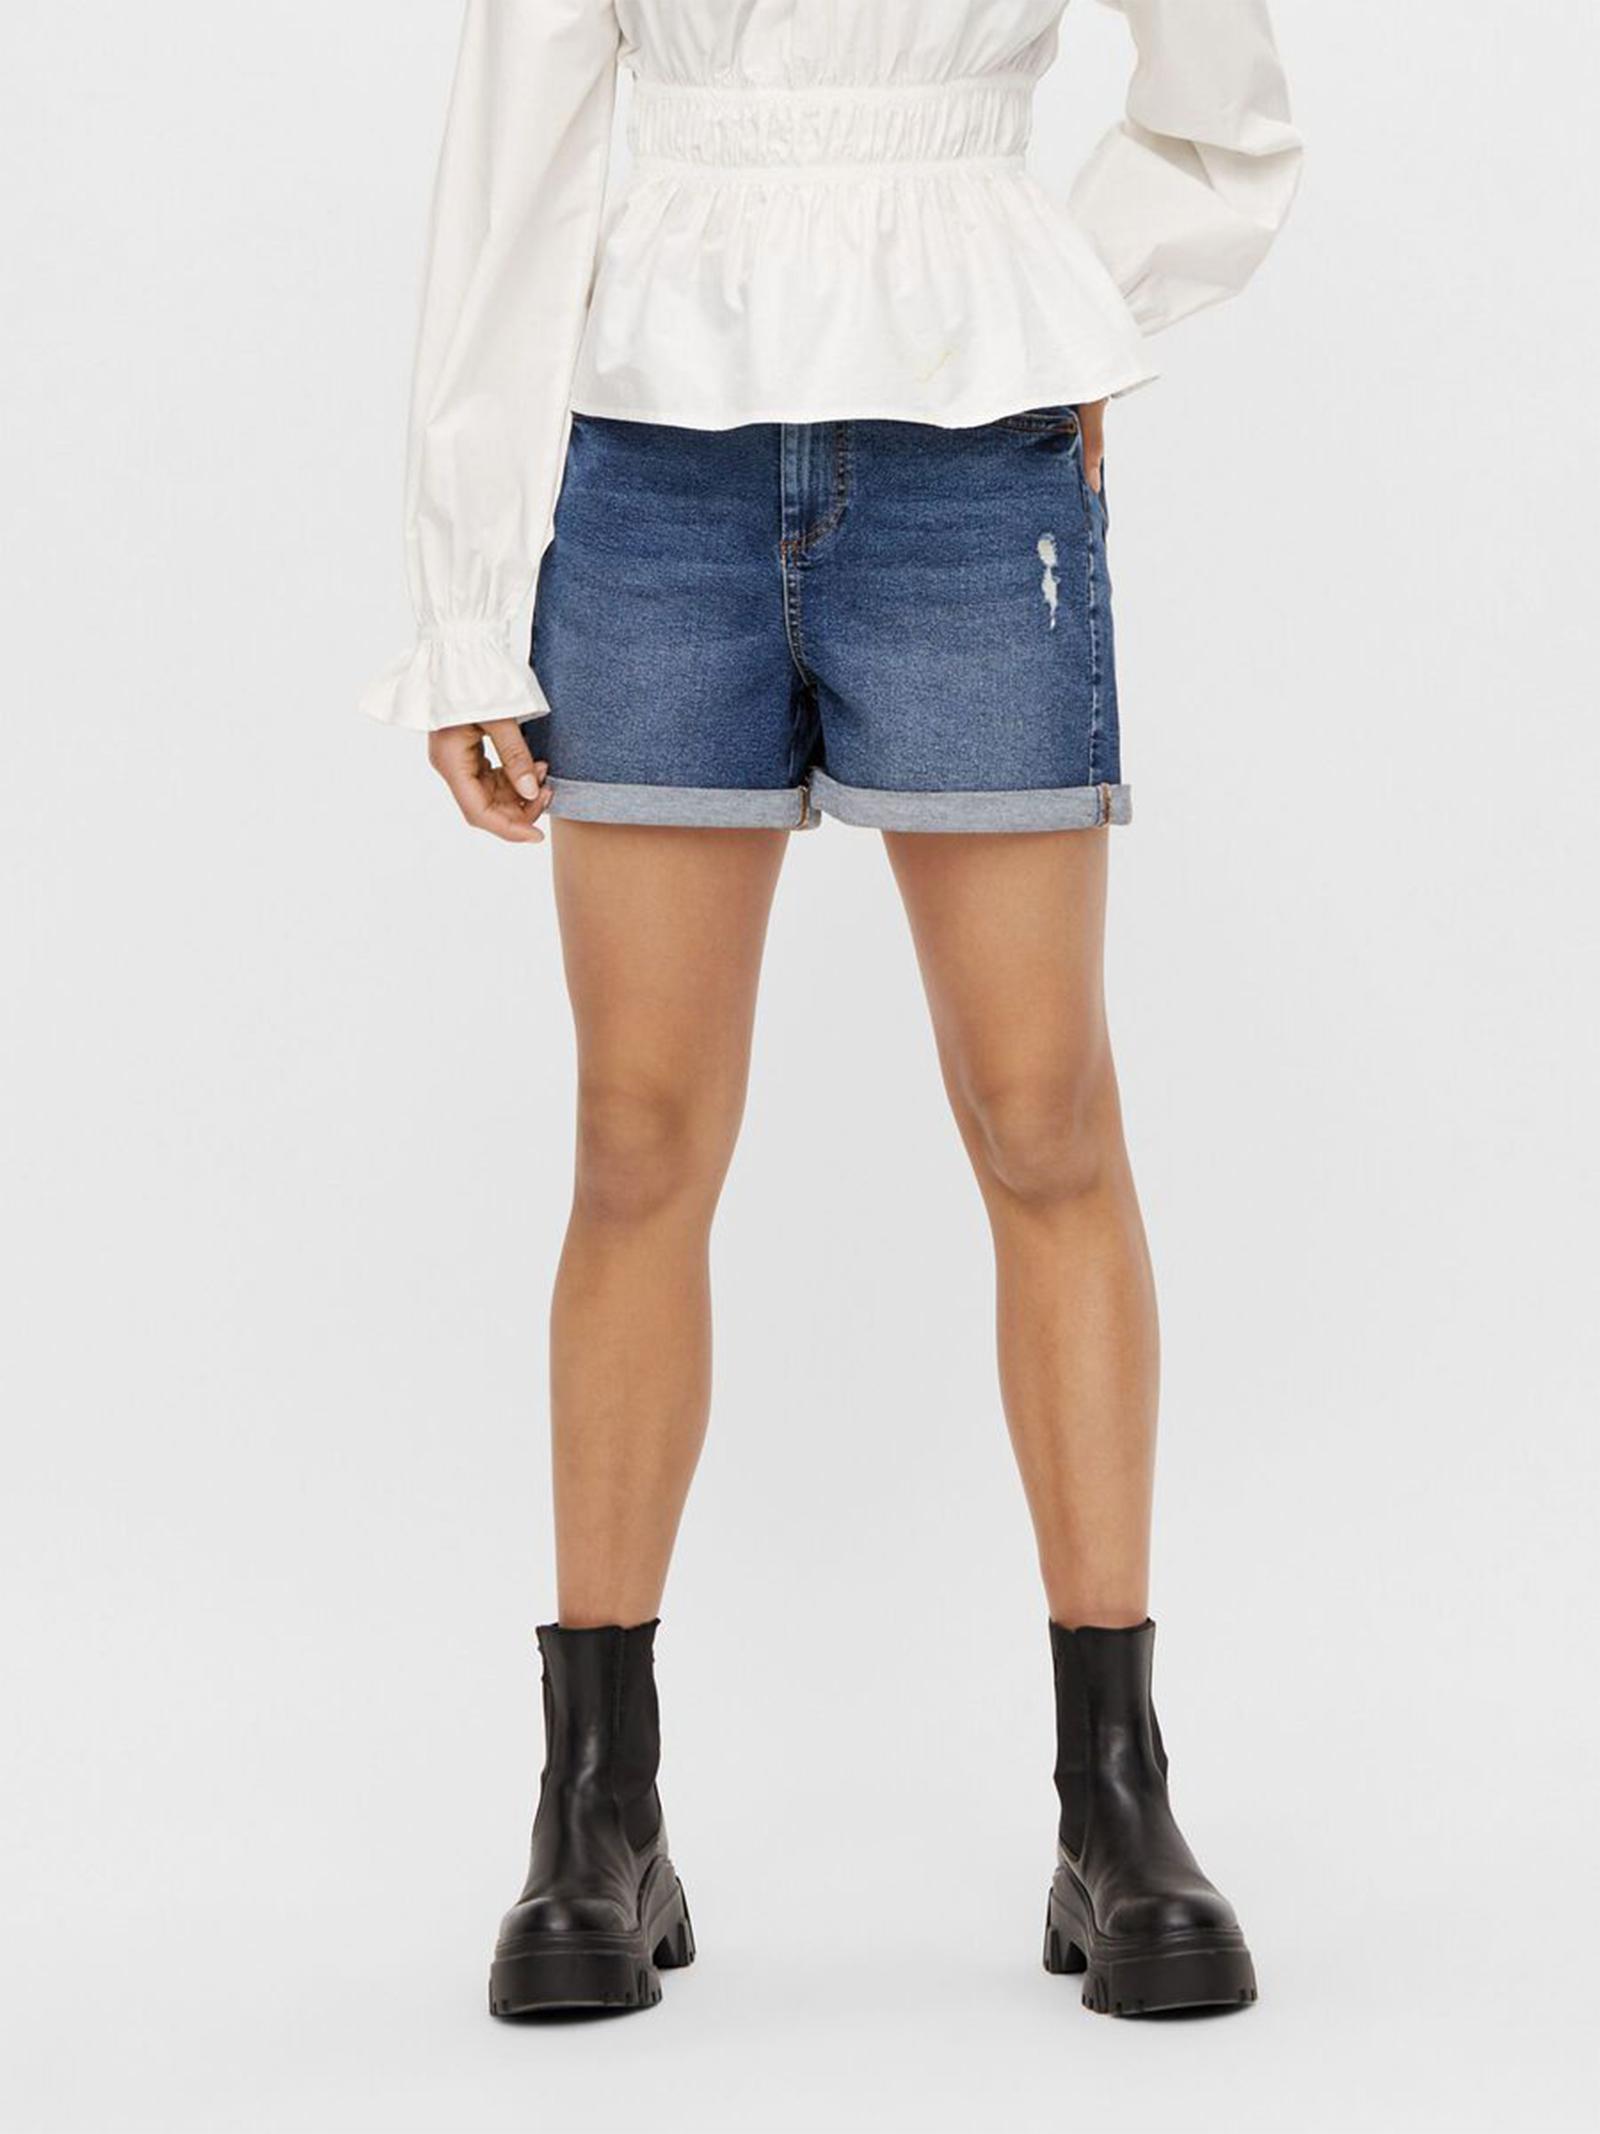 Short PIECES | Shorts | 17111123JEANS